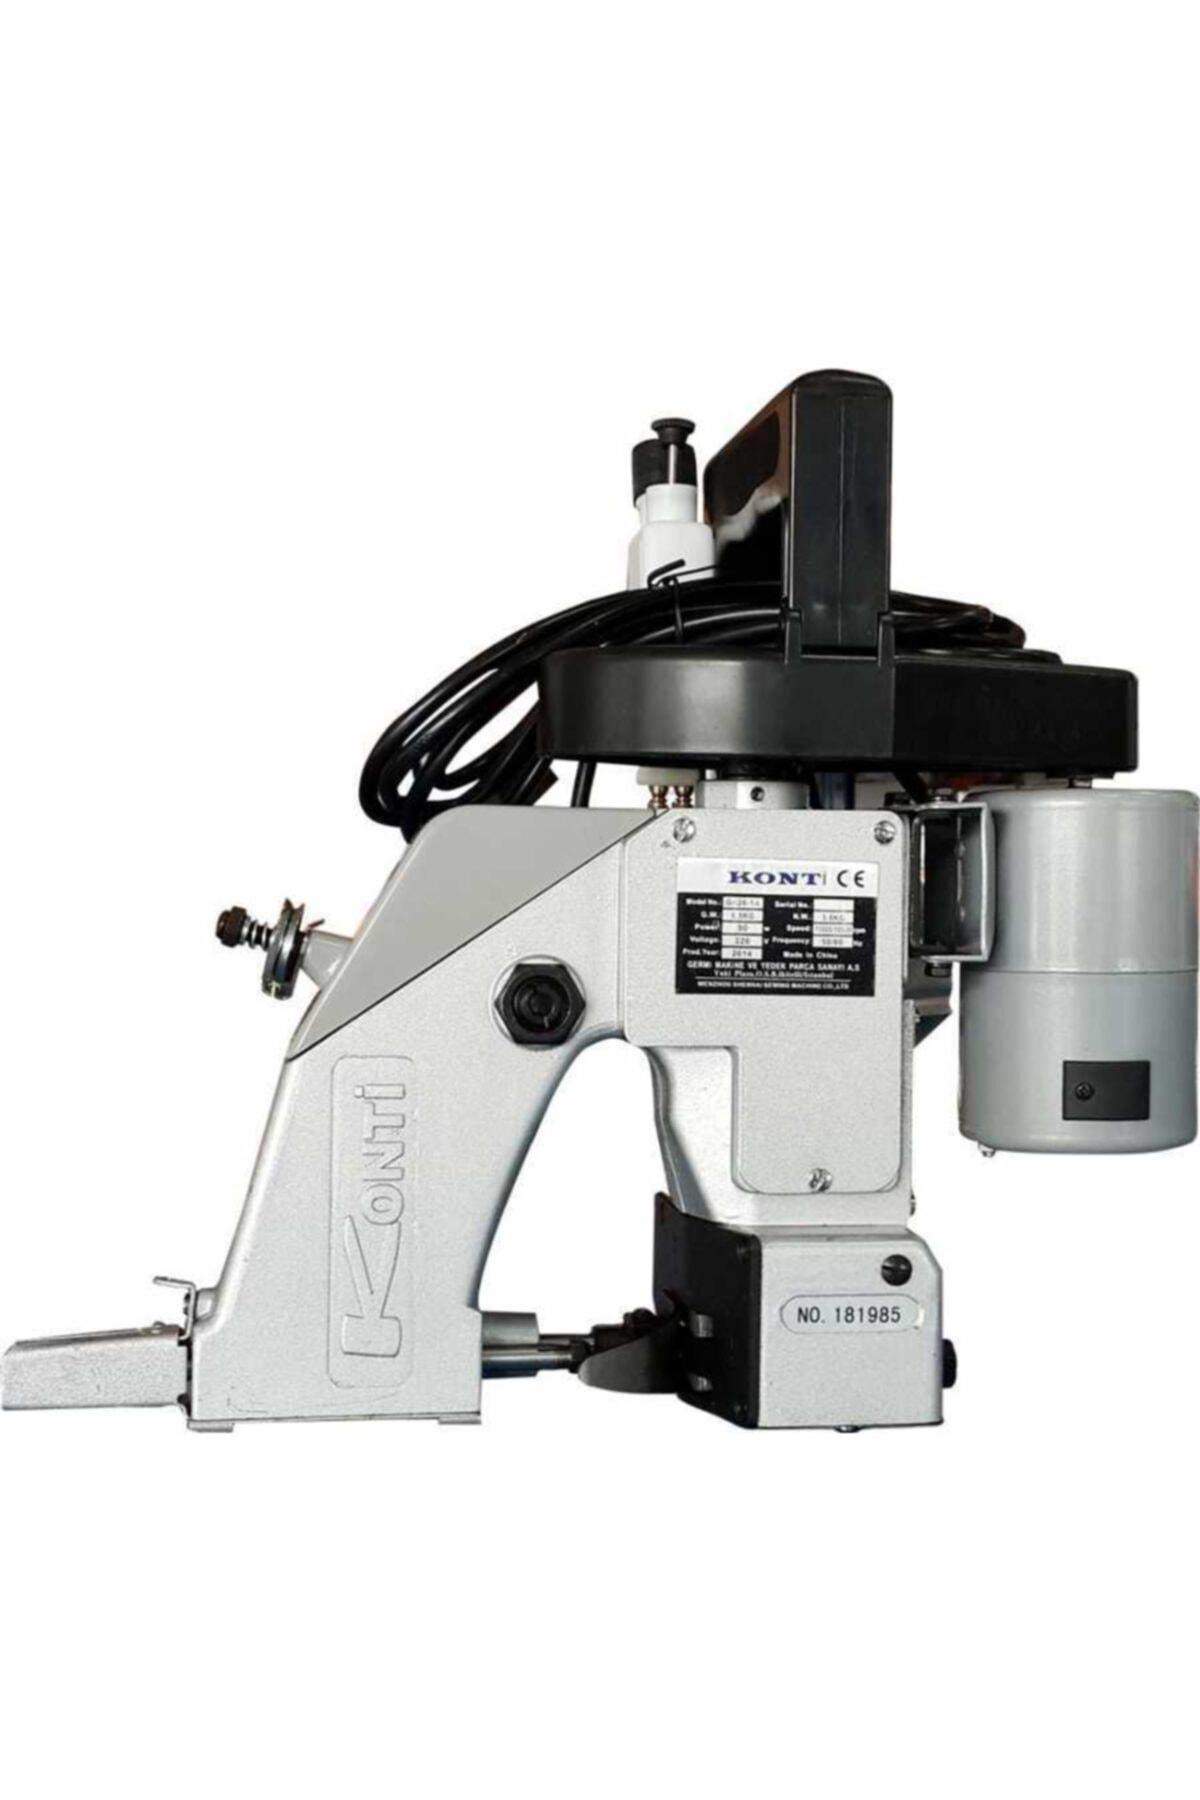 Konti Gk26-1a Çuval Ağzı Dikiş Makinesi GK26-1A